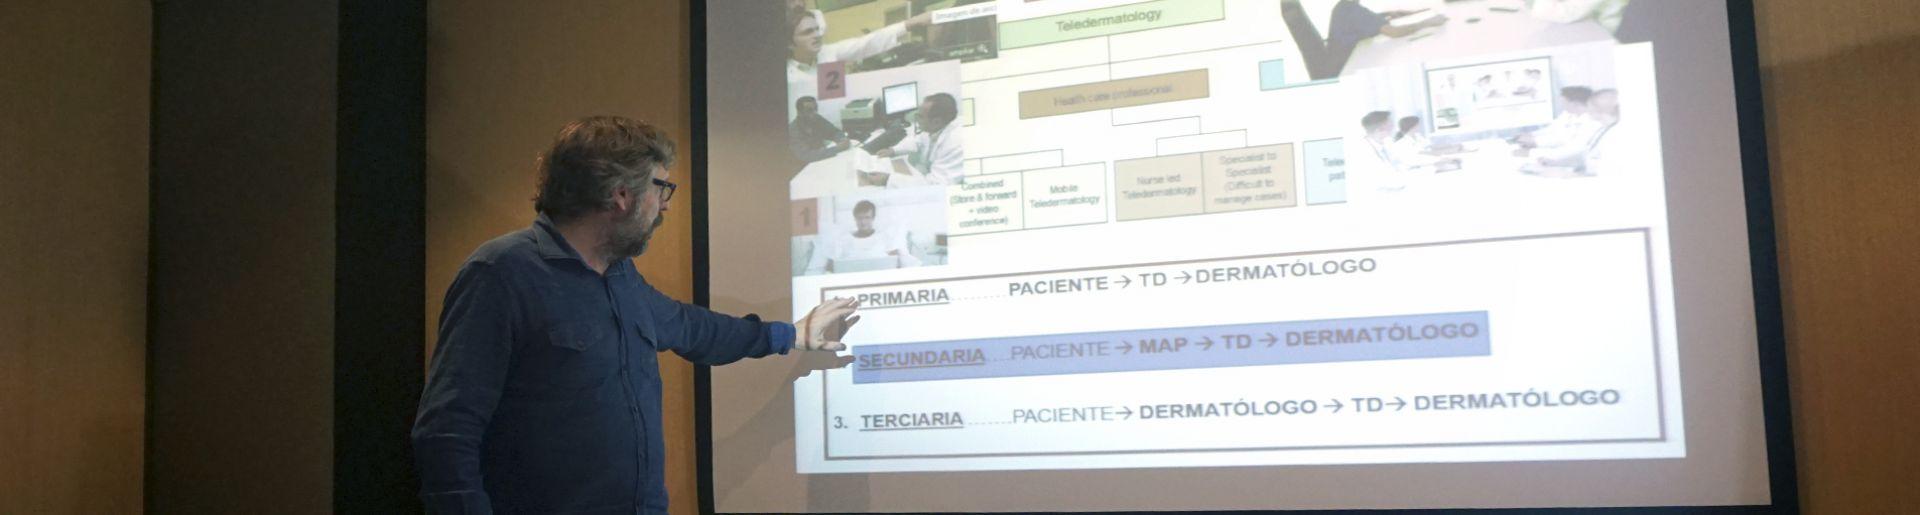 Nuevas Tecnologías eSalud Dermatología